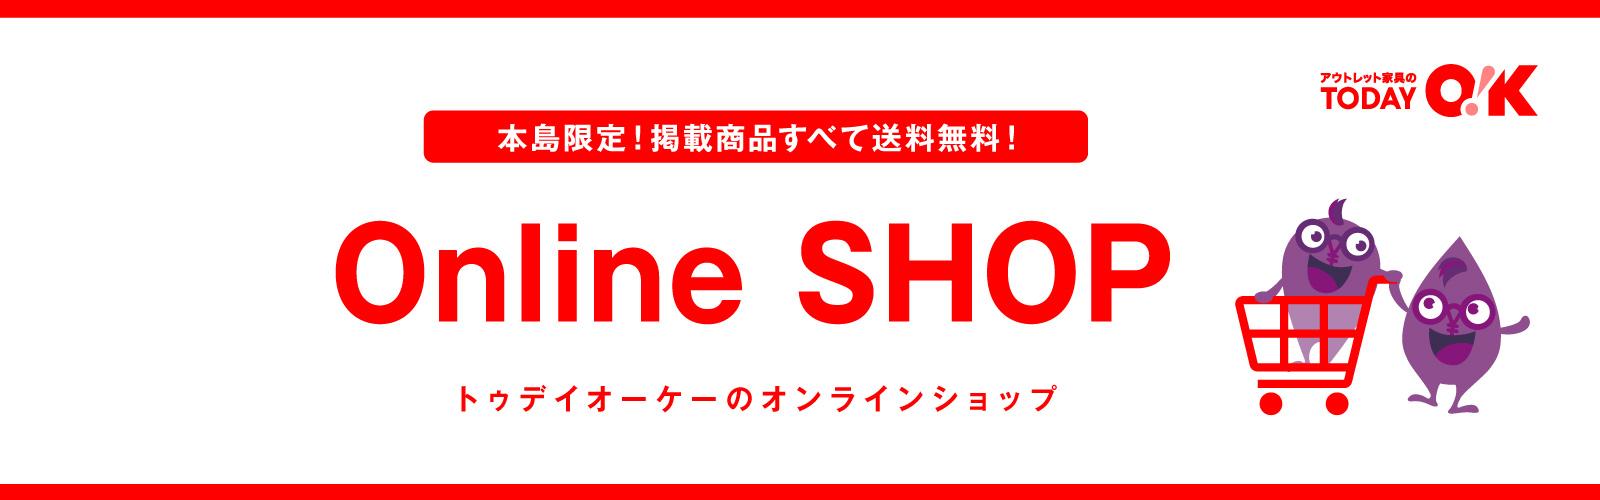 TODAY O!Kオンラインショップ